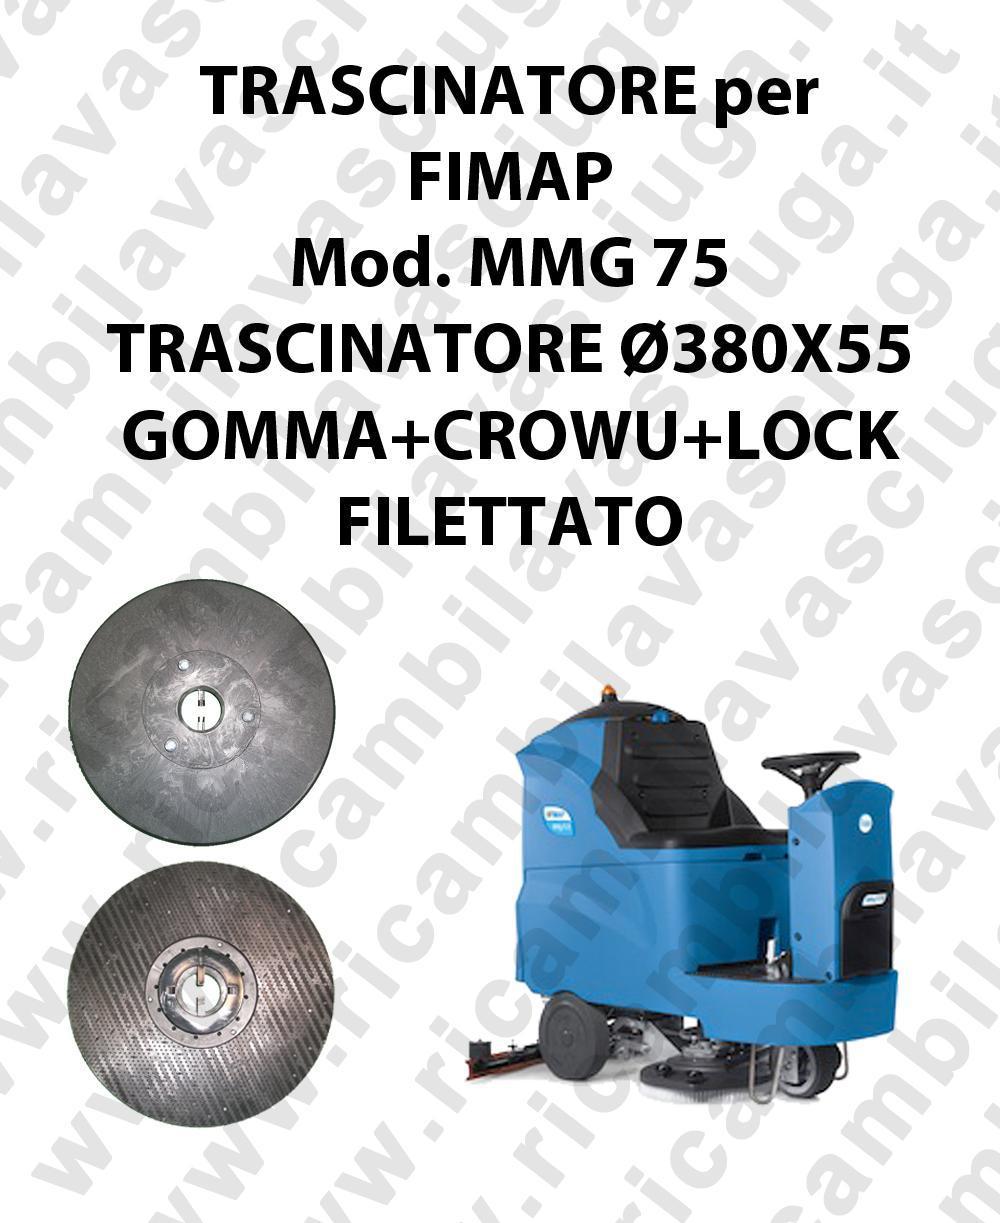 Discos de arrastre para fregadora FIMAP modelo MMG 75